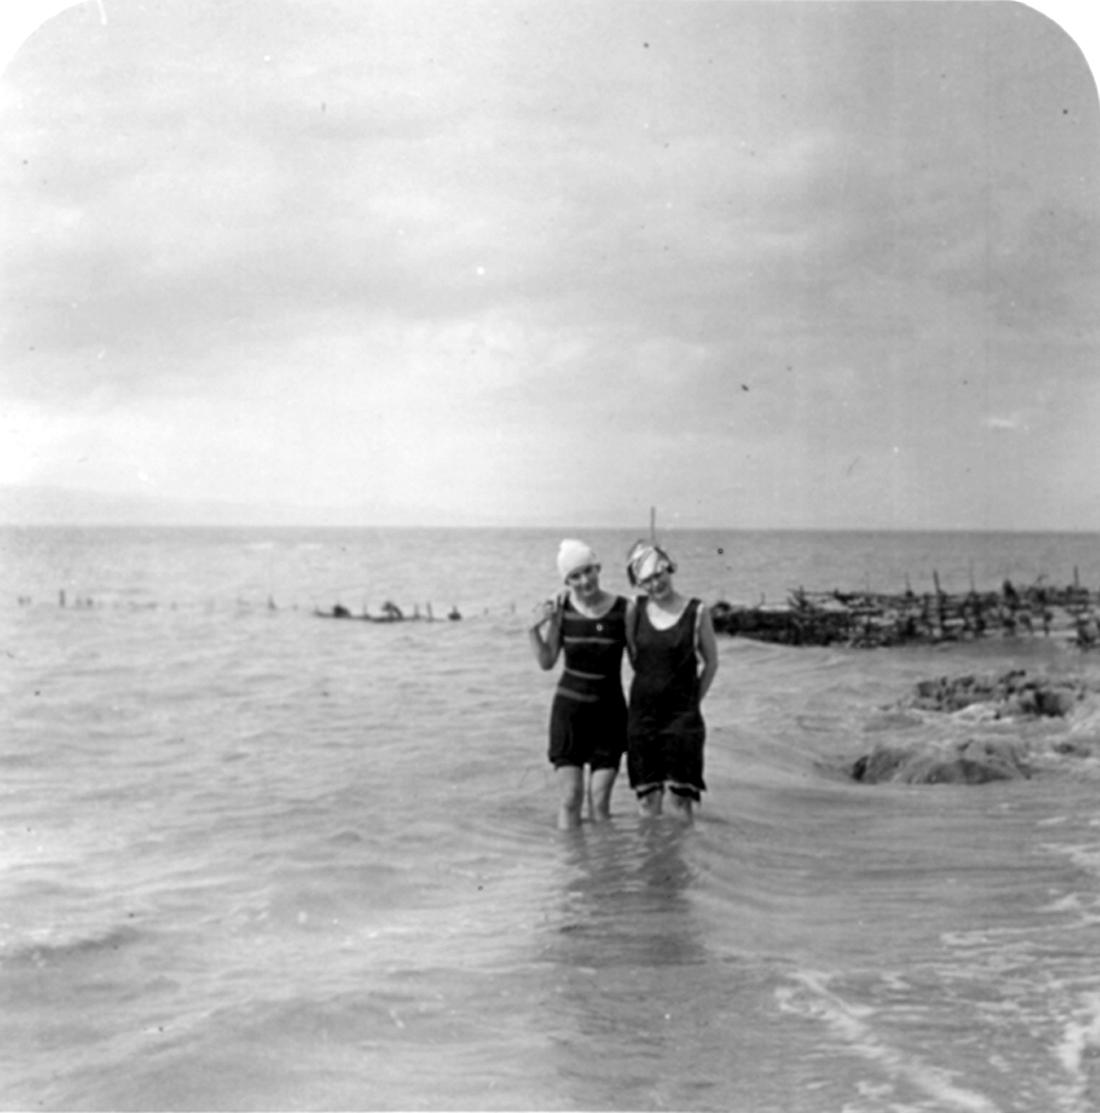 Deux jeunes femmes se baignent jusqu'aux genoux dans un grand cours d'eau, près d'une pêche à fascine.